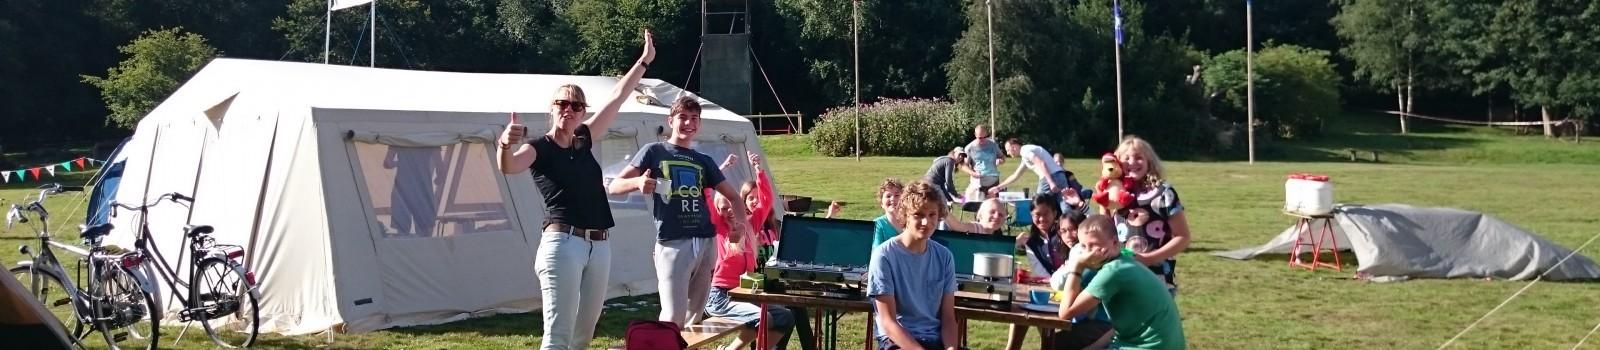 Scouting Marco Polo Delft - De gezelligste vereniging van Delft e/o!